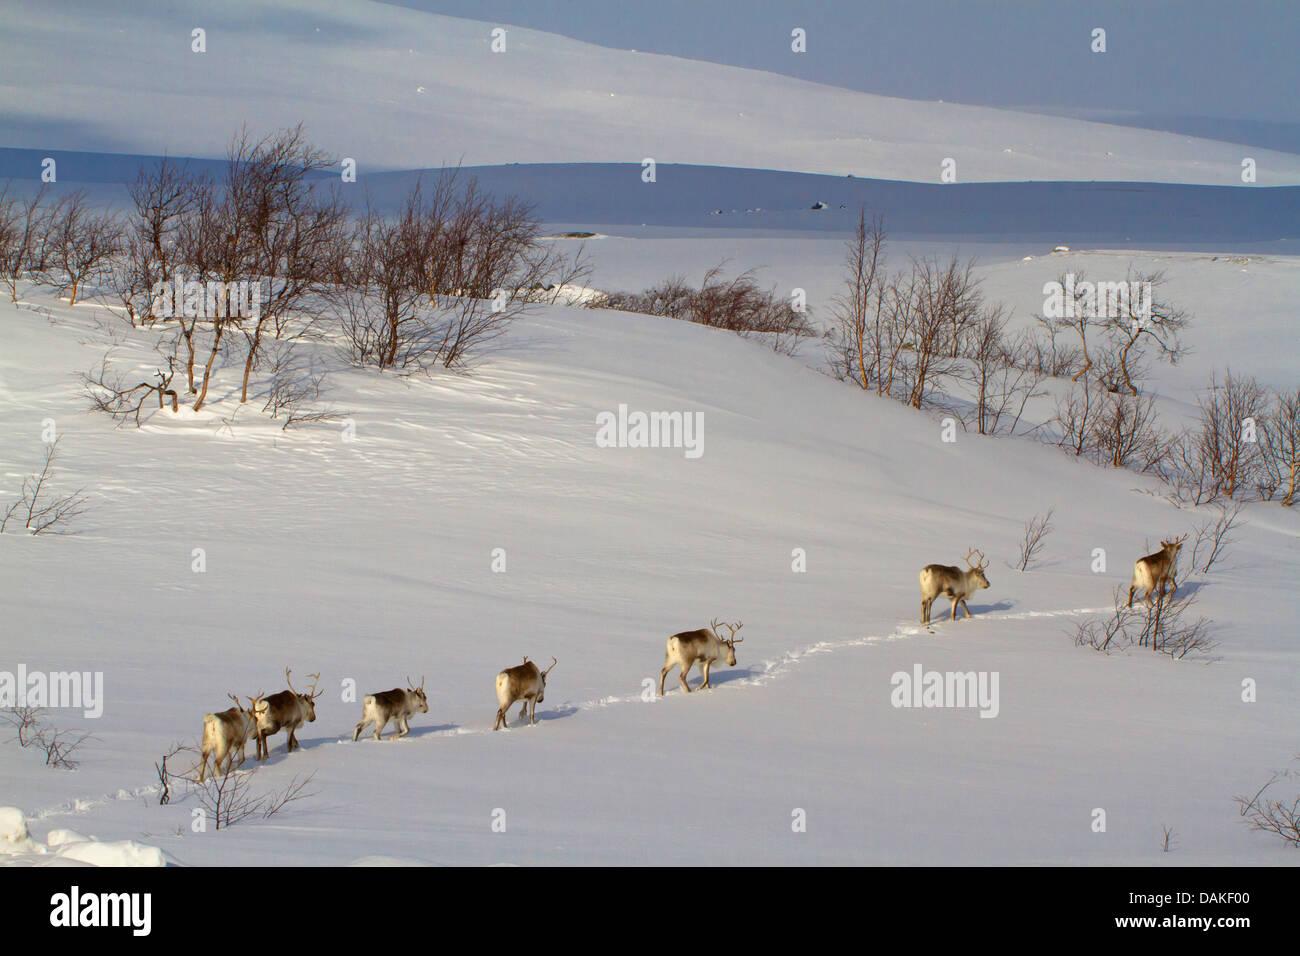 Le renne, le caribou (Rangifer tarandus), troupeau de marcher l'un derrière l'autre en paysage de neige, en Norvège, Banque D'Images